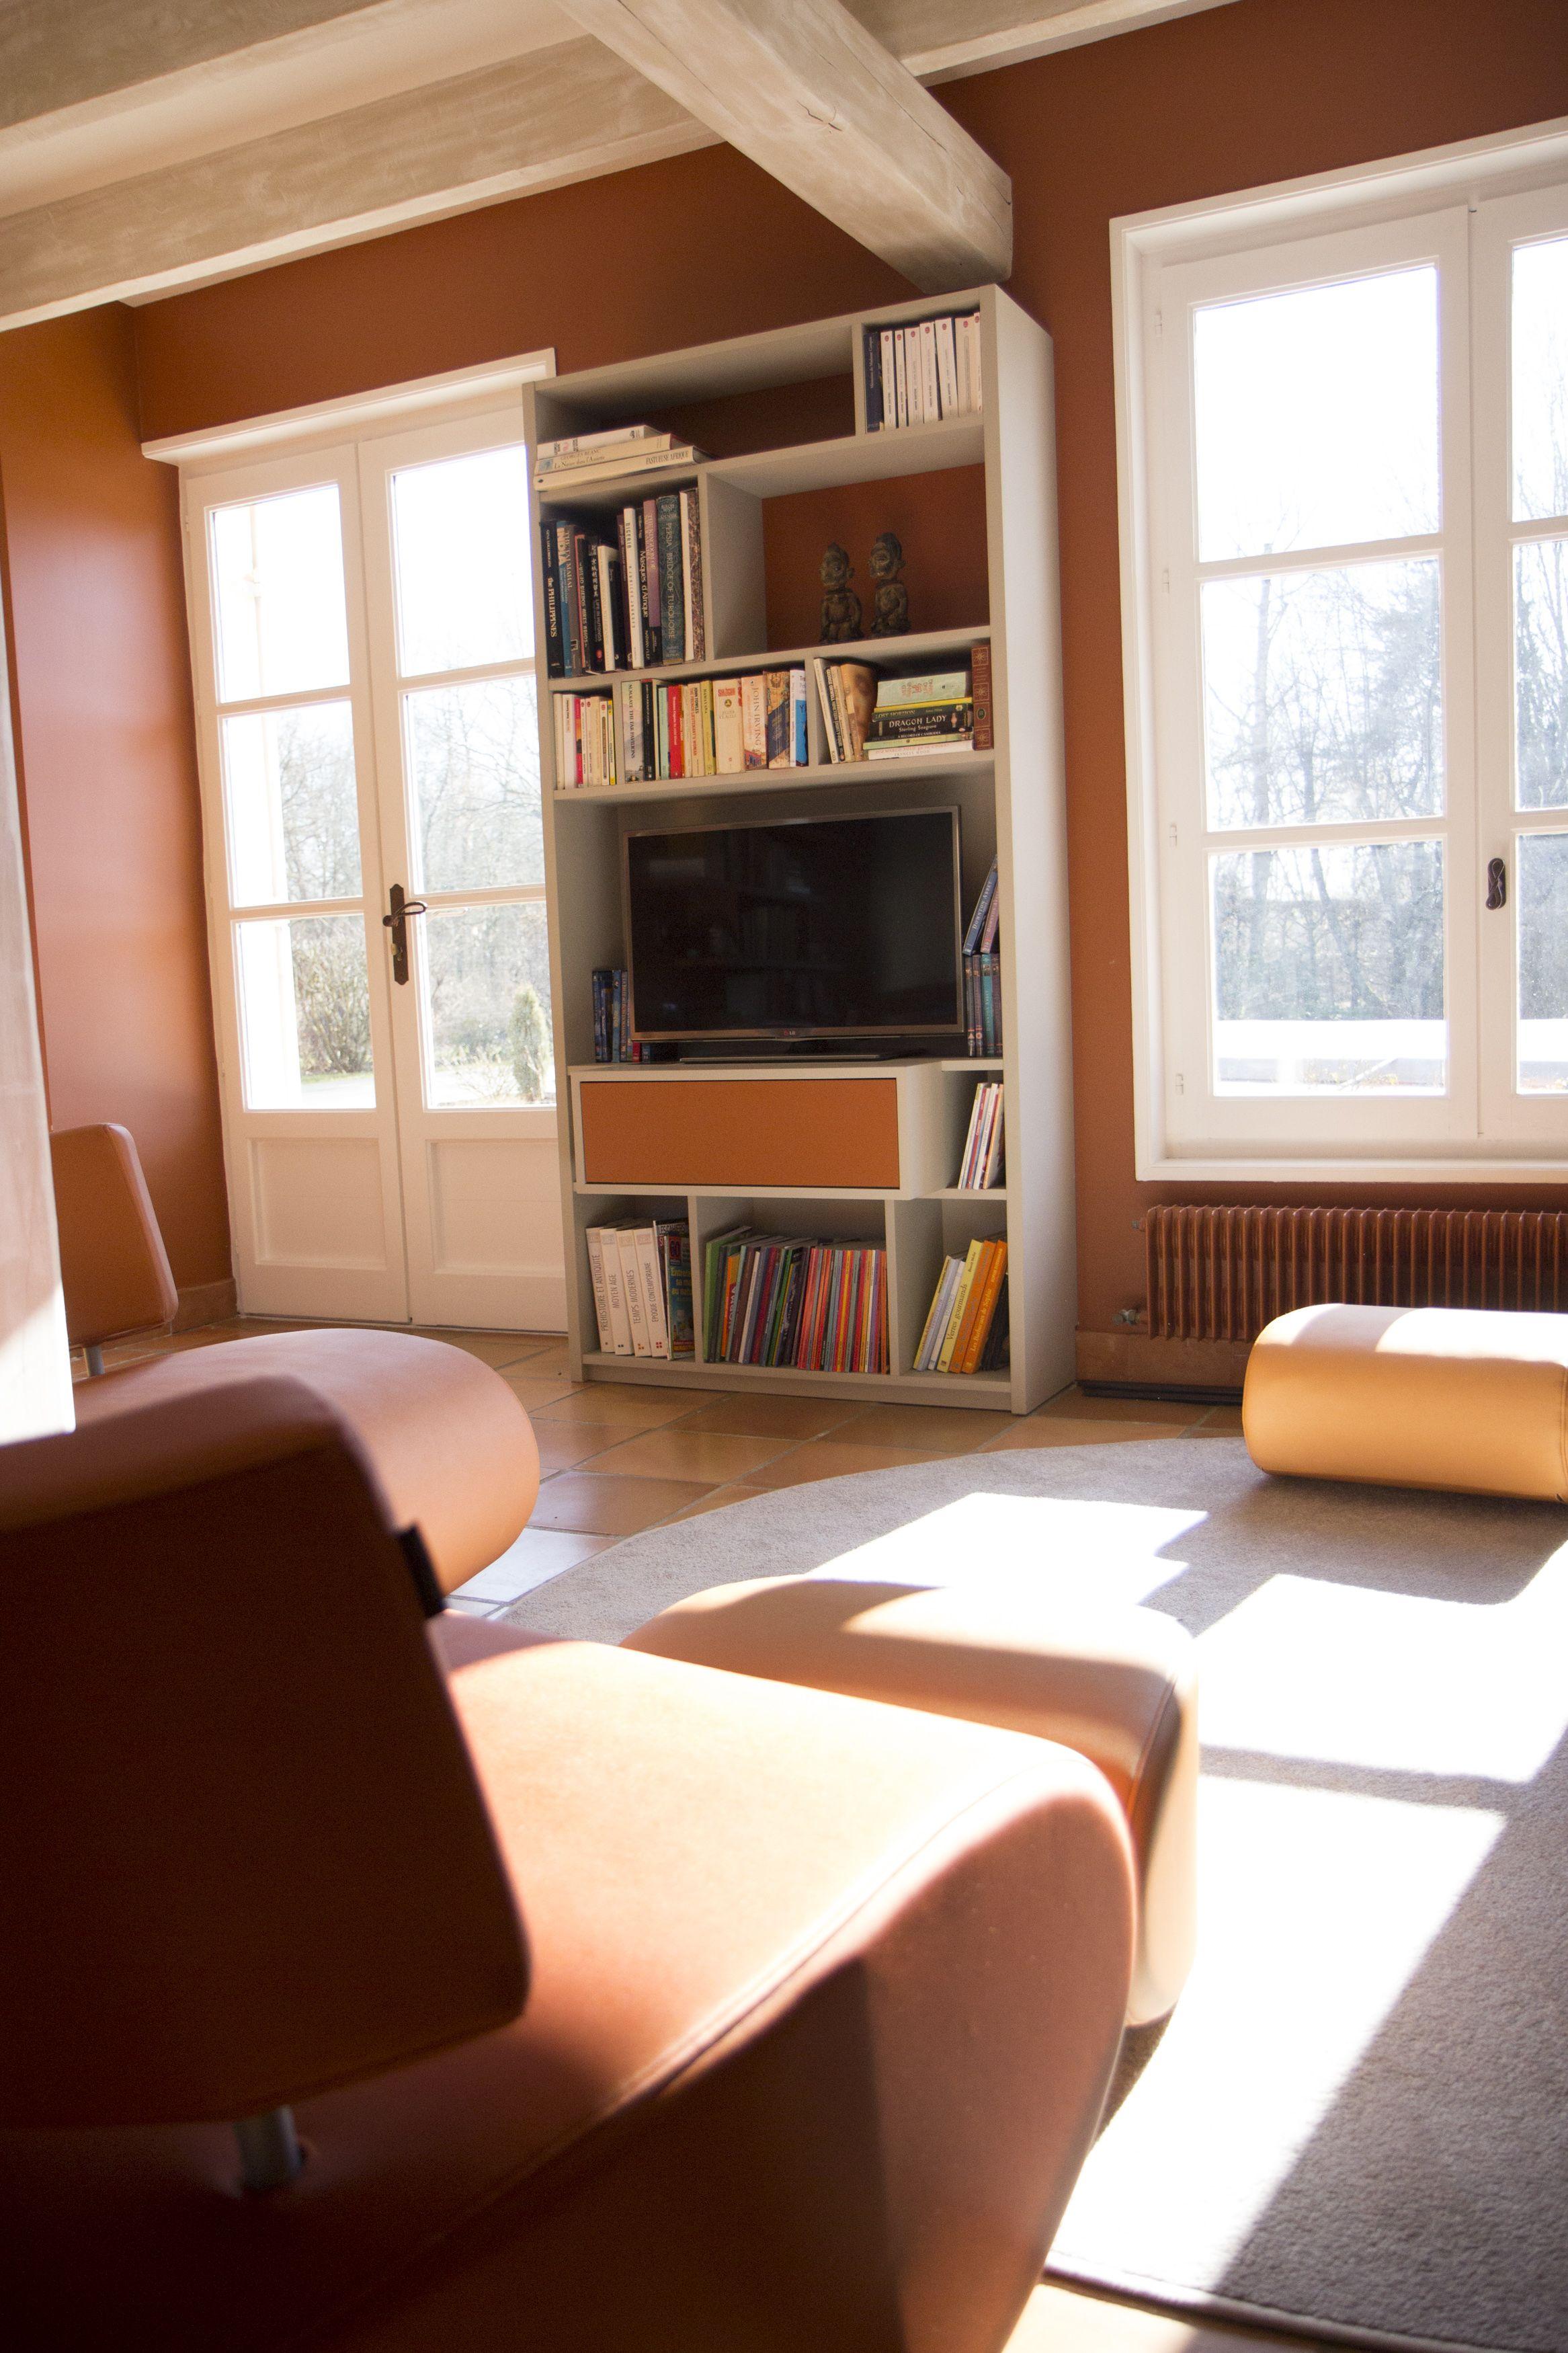 rnovation salon maison de campagne salon tv teinte chaude ambiance chaleureuse orange